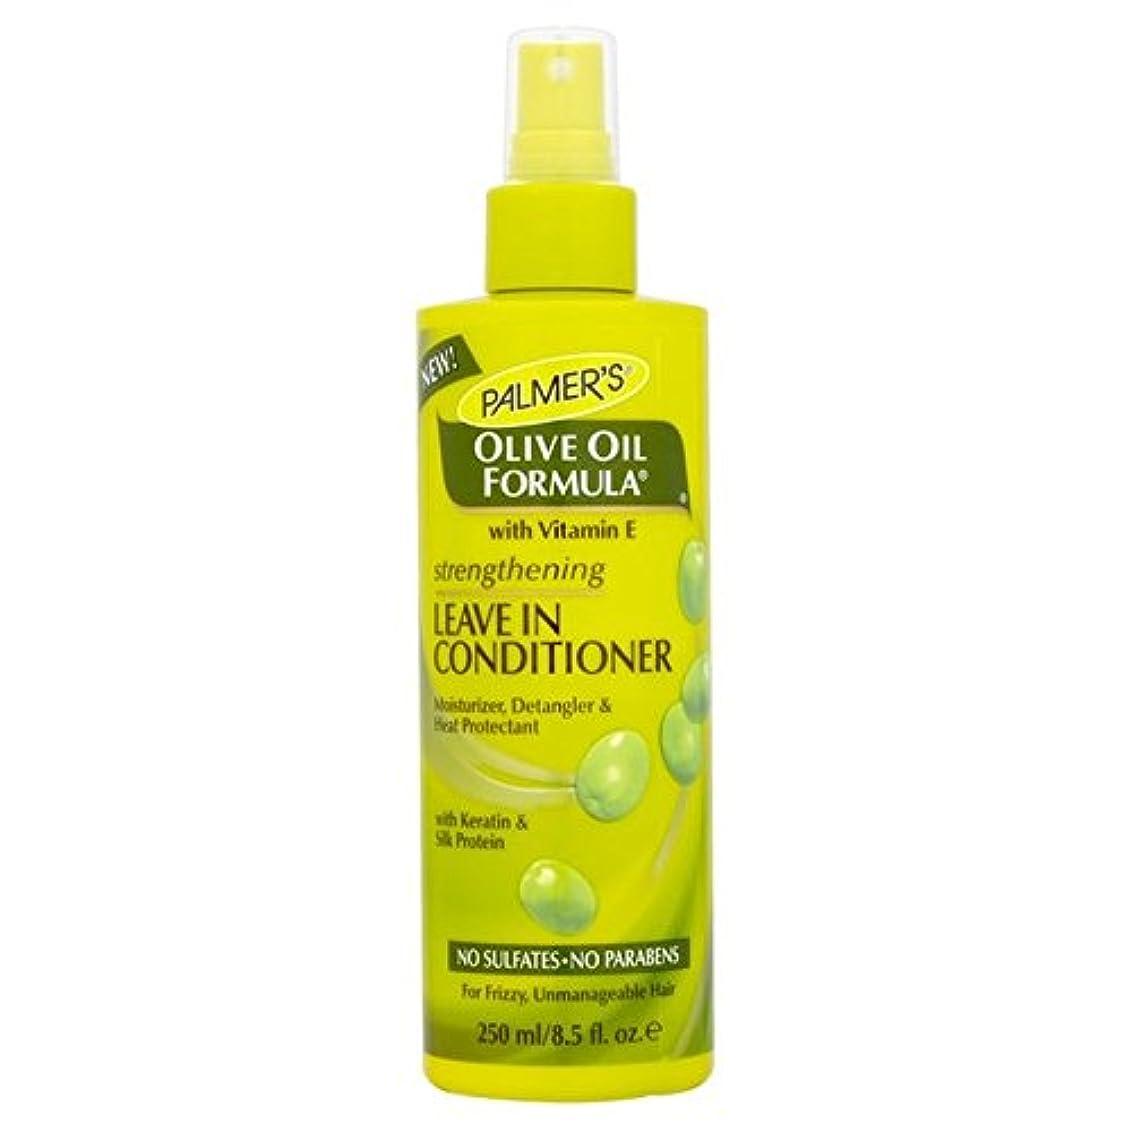 広々ストレージおもしろいリーブインコンディショナー250を強化パーマーのオリーブオイル式 x2 - Palmer's Olive Oil Formula Strengthening Leave-in Conditioner 250ml (Pack...